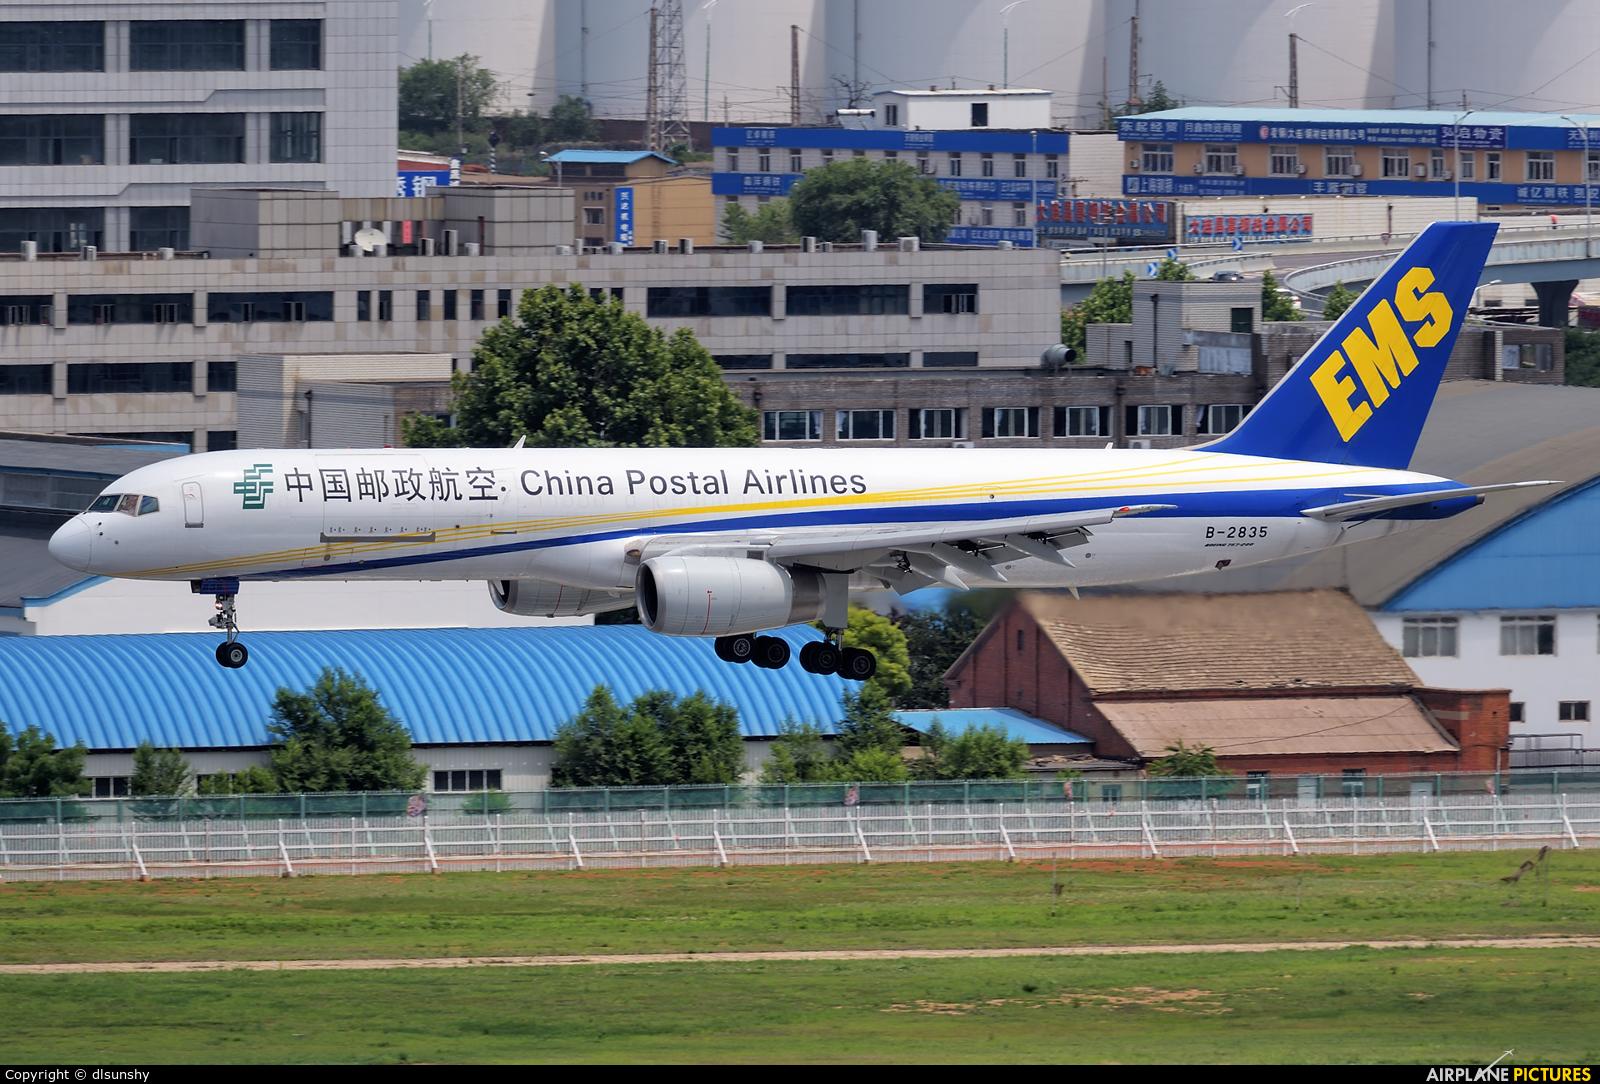 China Postal Airlines B-2835 aircraft at Dalian Zhoushuizi Int'l